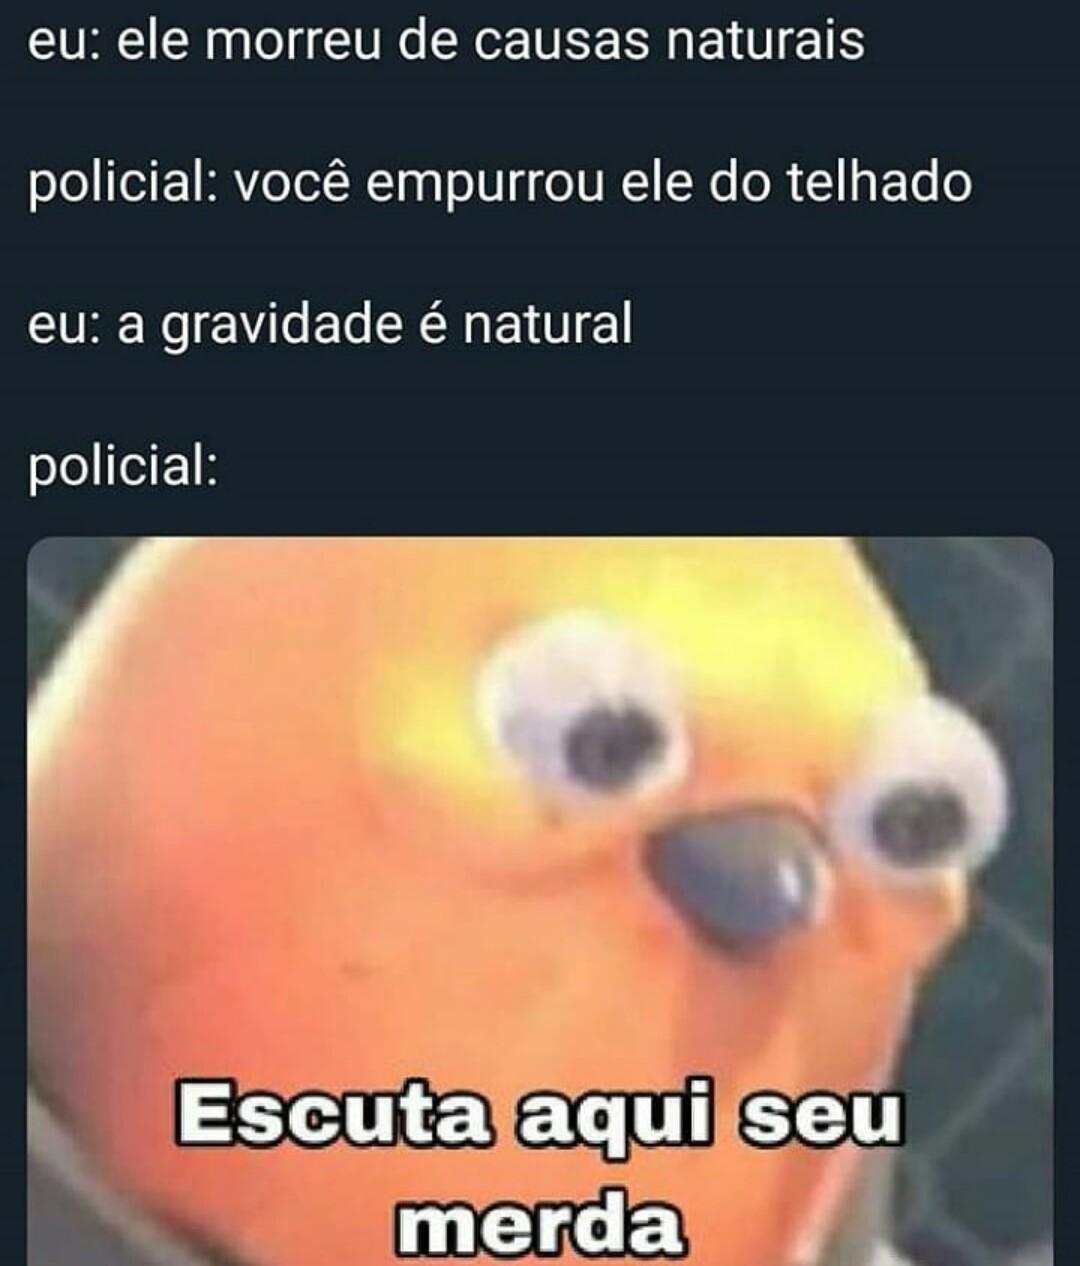 Desgraçaaaaa (segue lá gnt pfv) - meme